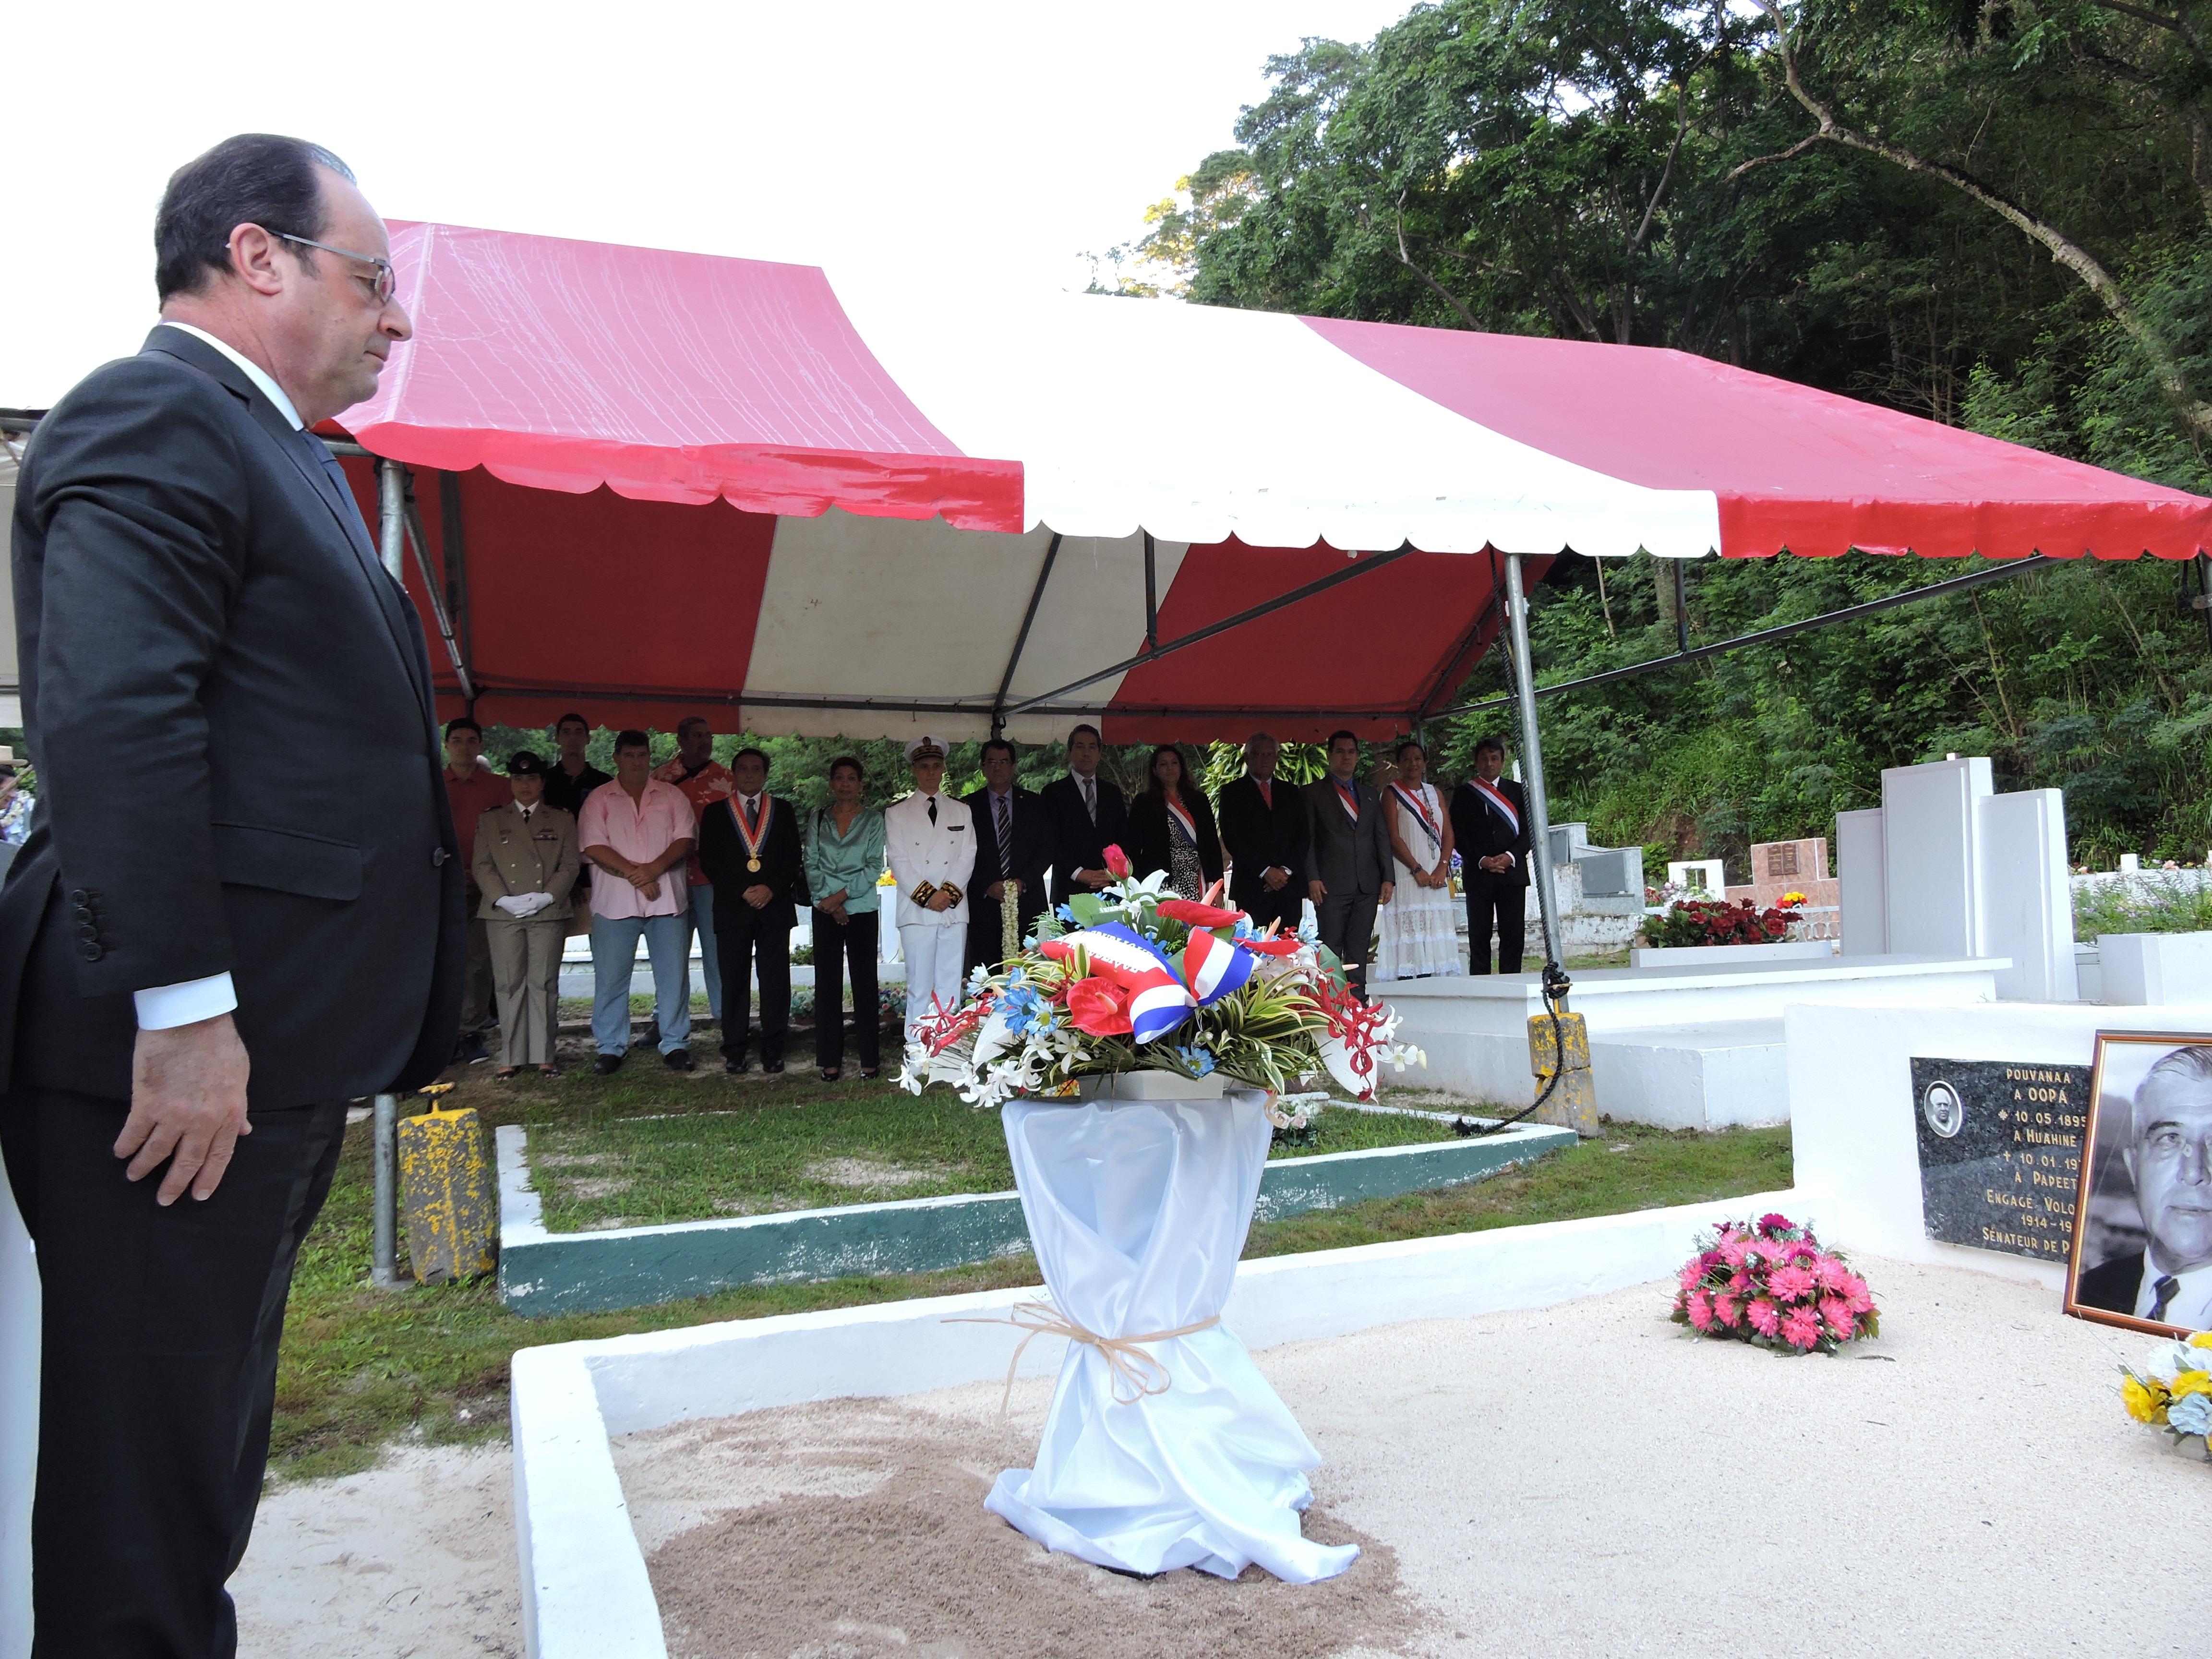 Lors de sa venue en février, François Hollande avait déposé une gerbe sur la tombe de Pouvana'a a Oopa au cimetière de l'Uranie.